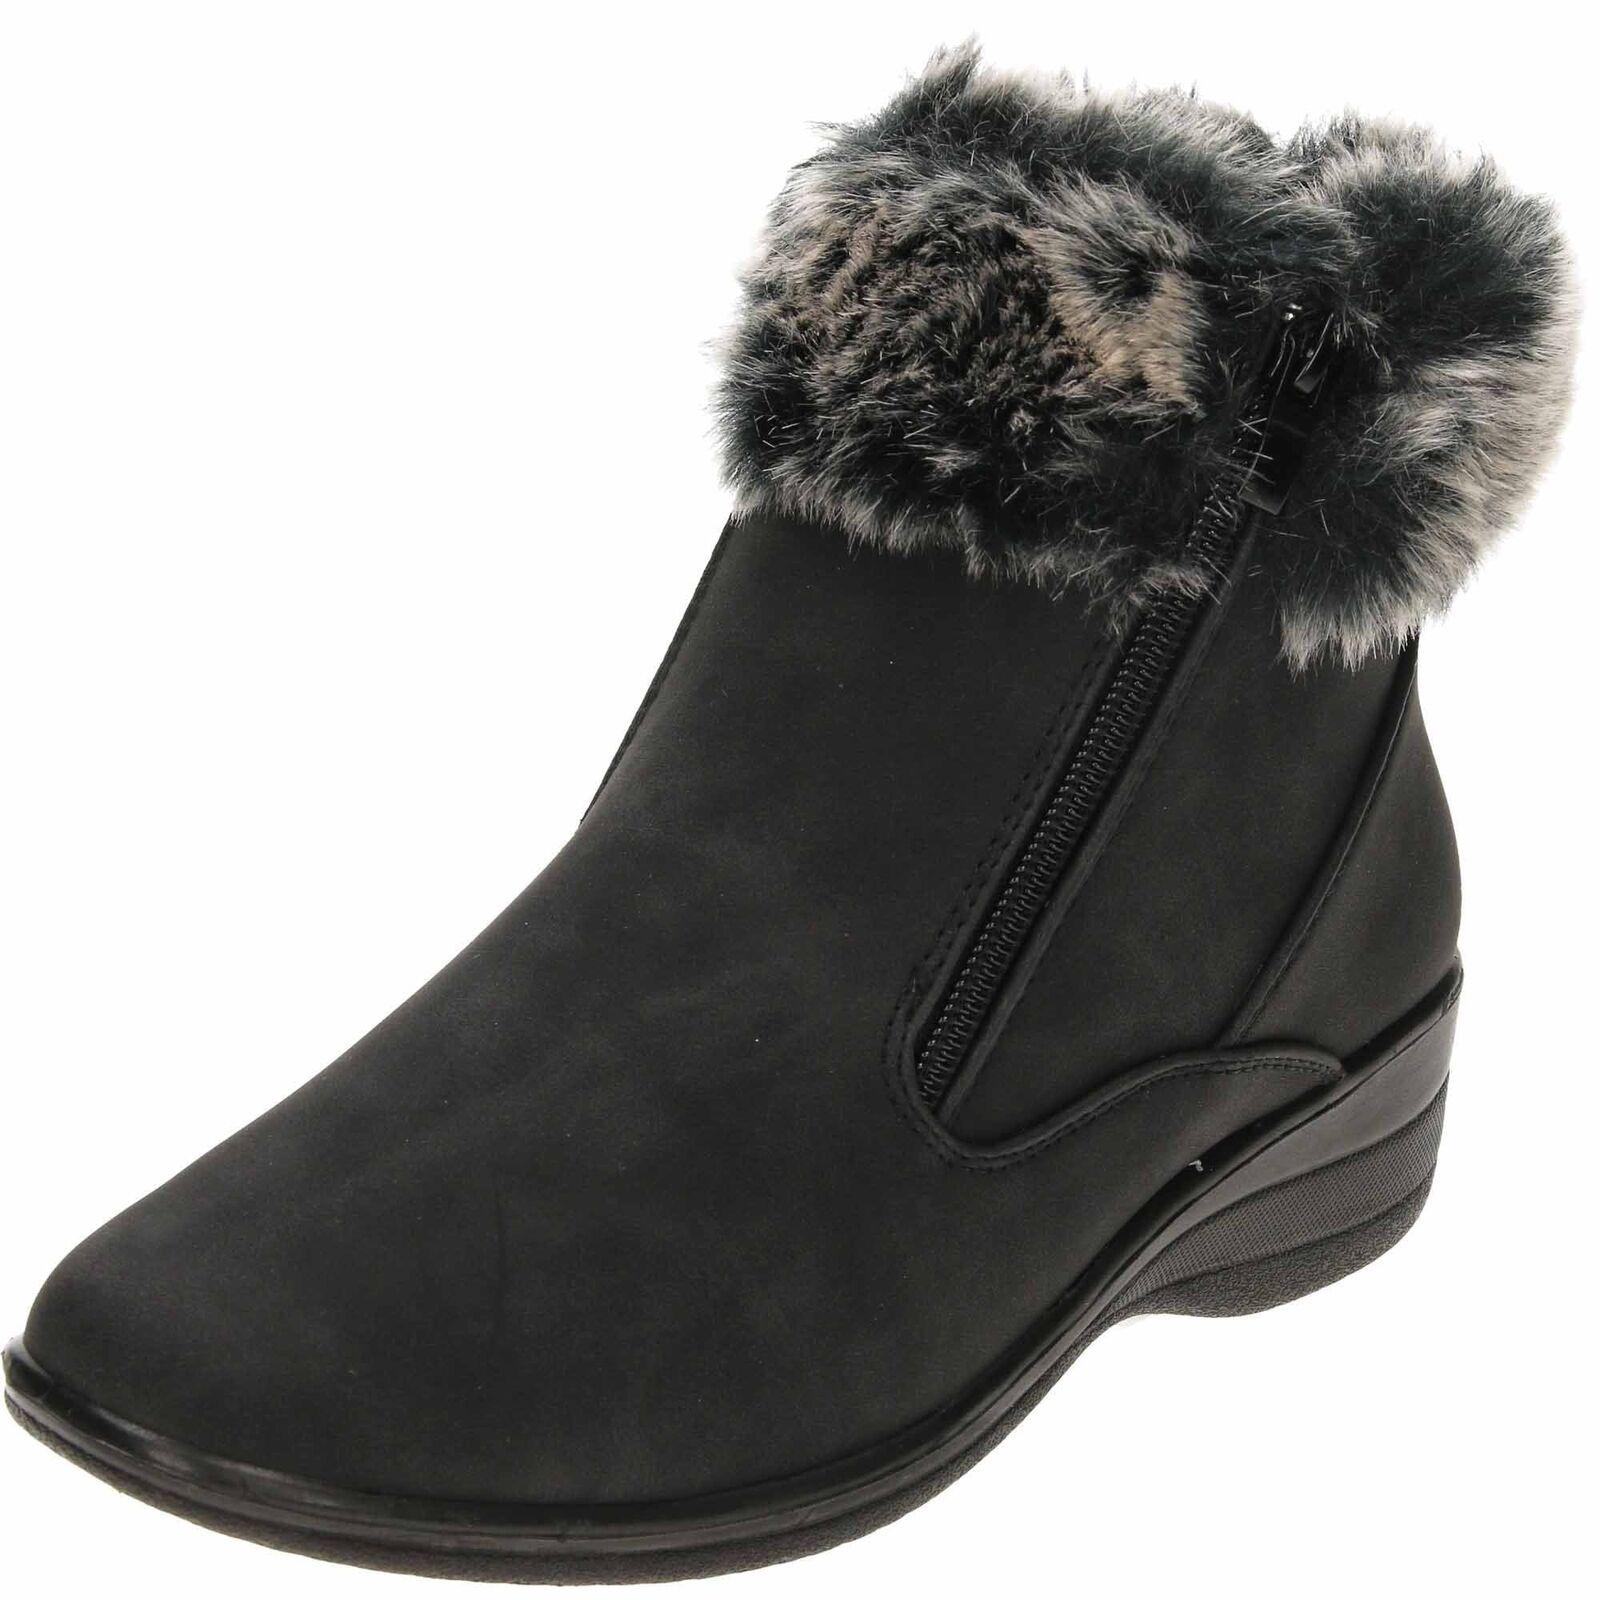 Dr Keller Warm Twin Zip Wedge Heel Ankle Boots Black Comfy Lightweight